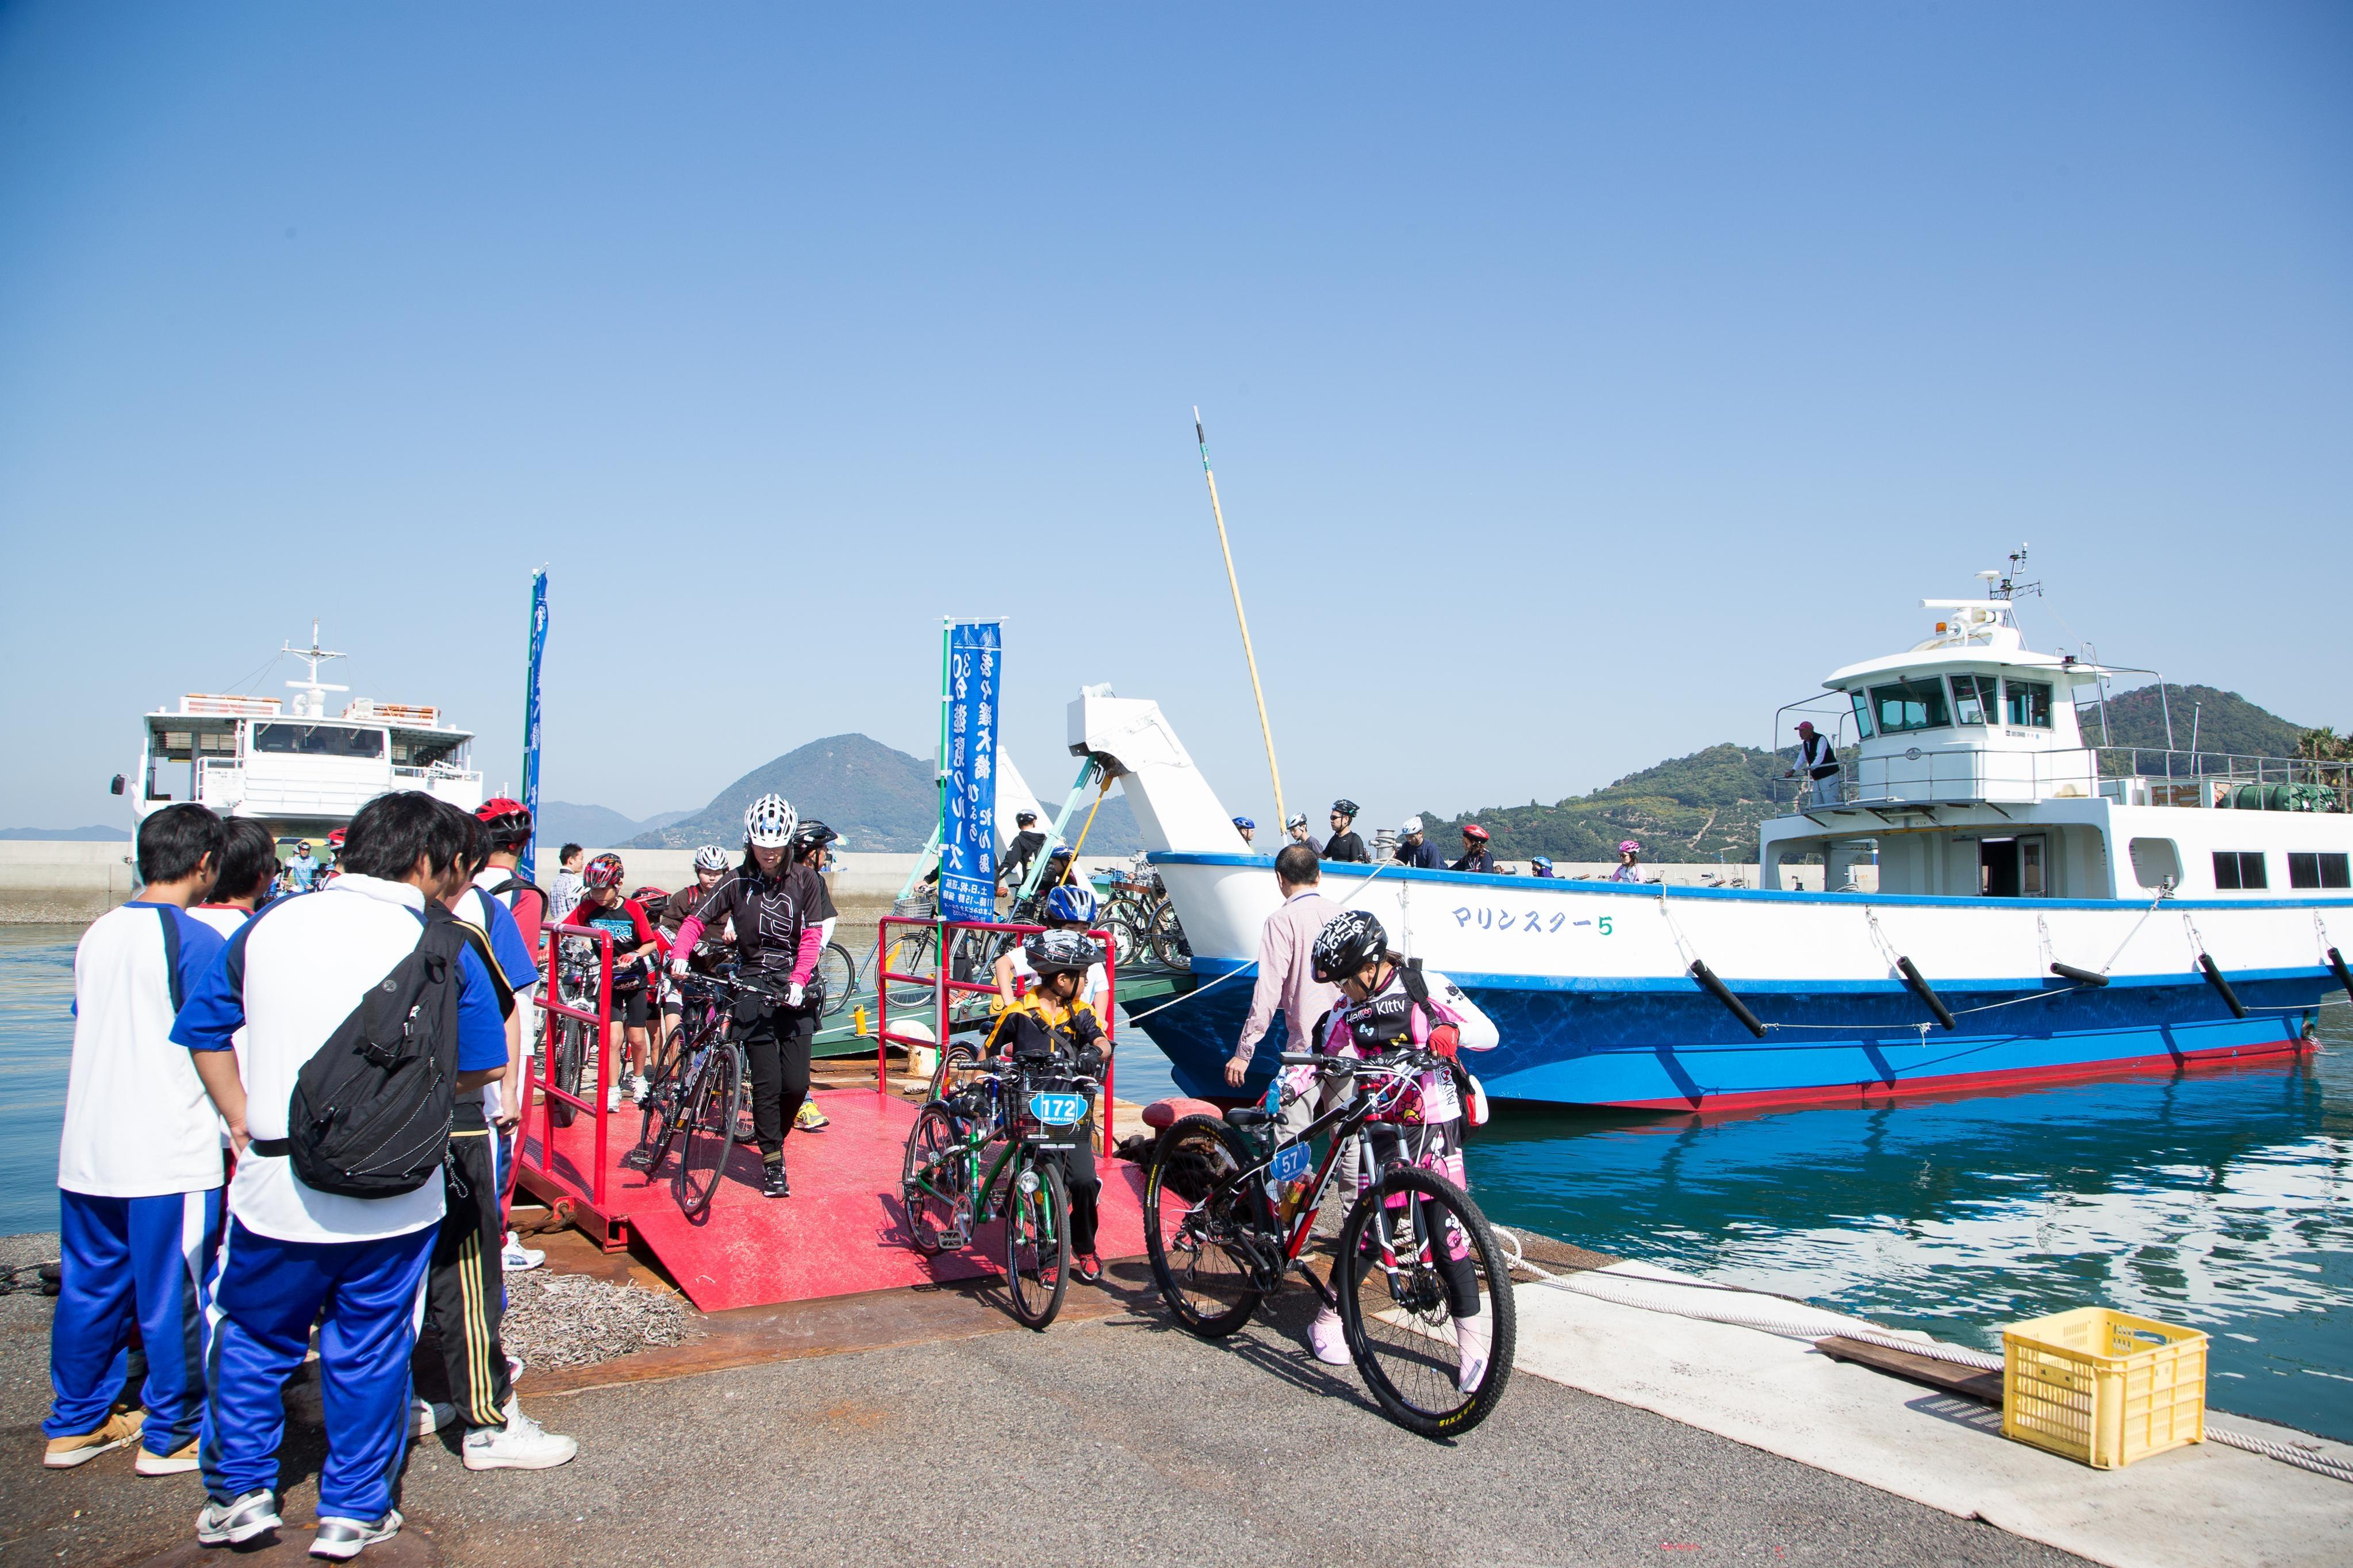 Evénement de cyclisme sur la route Shimanami Kaido